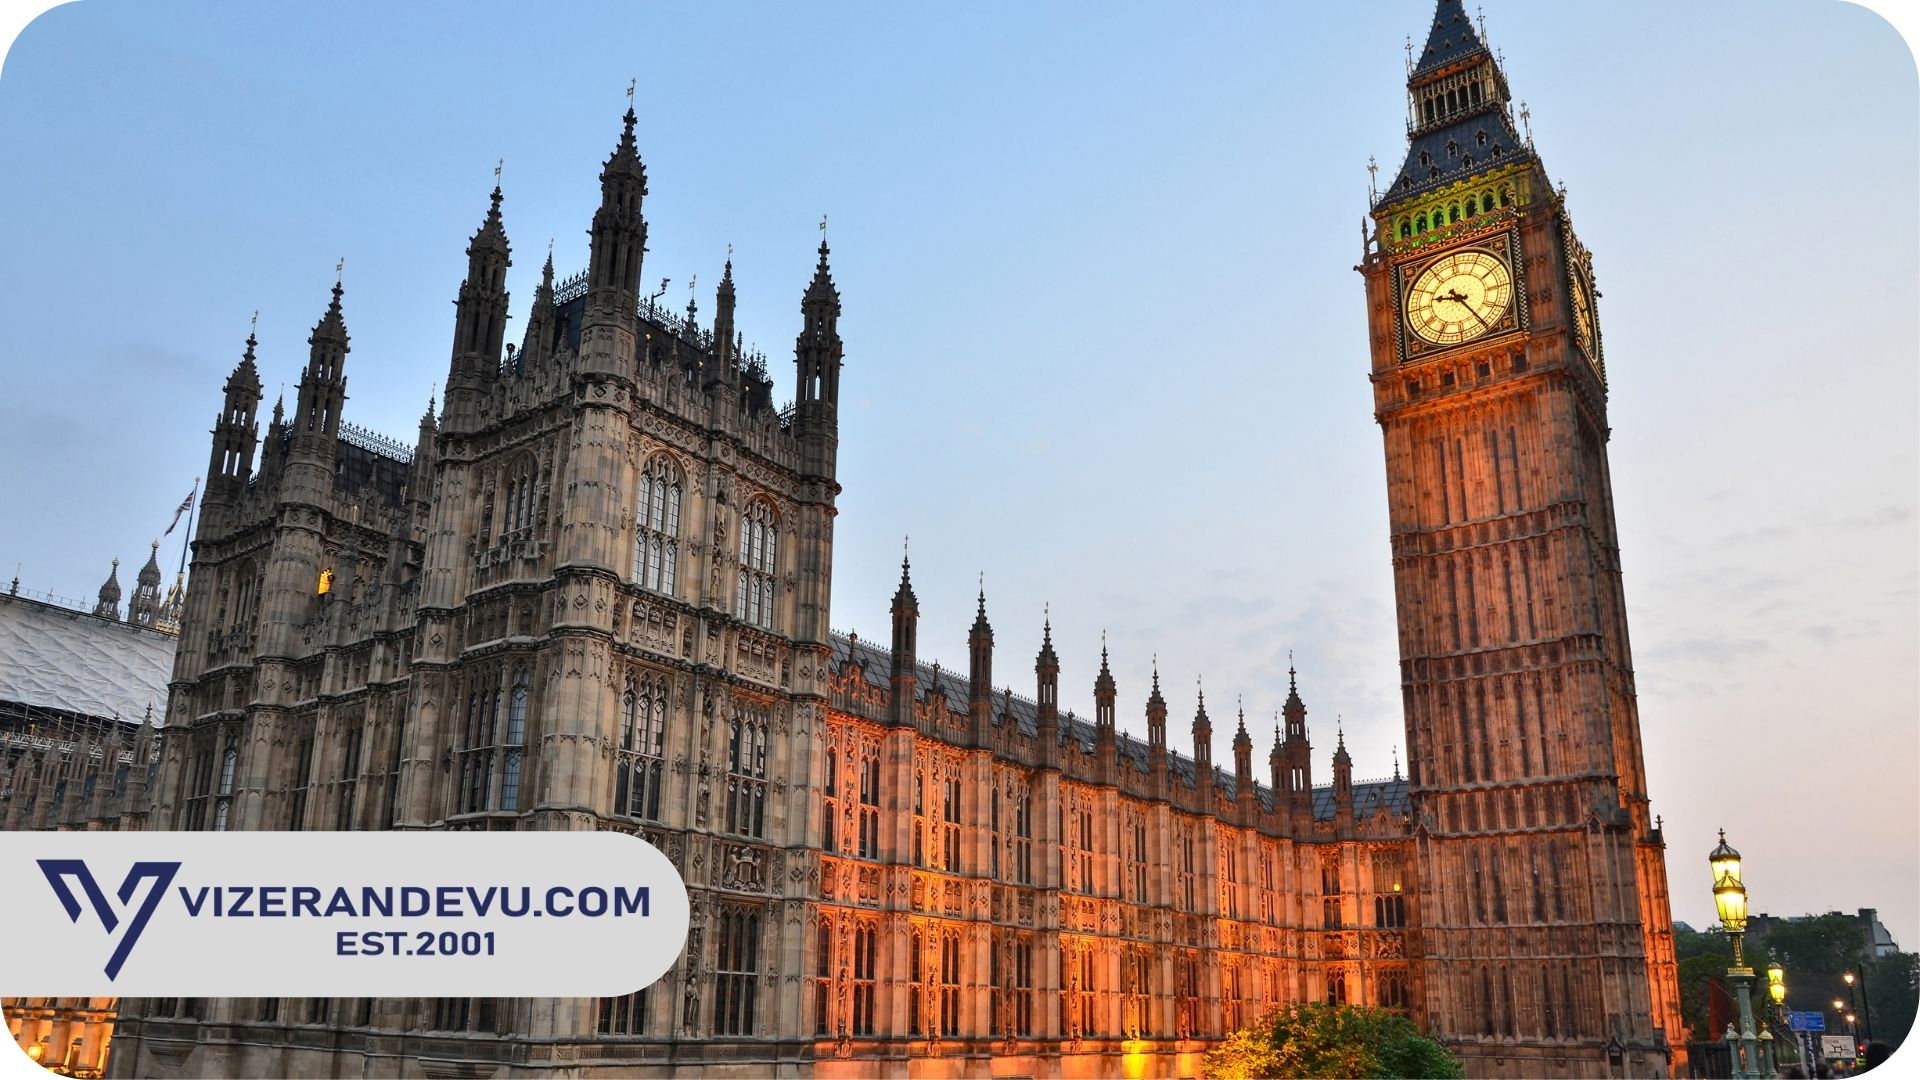 İngiltere Vize Başvurusu Nasıl Yapılır?